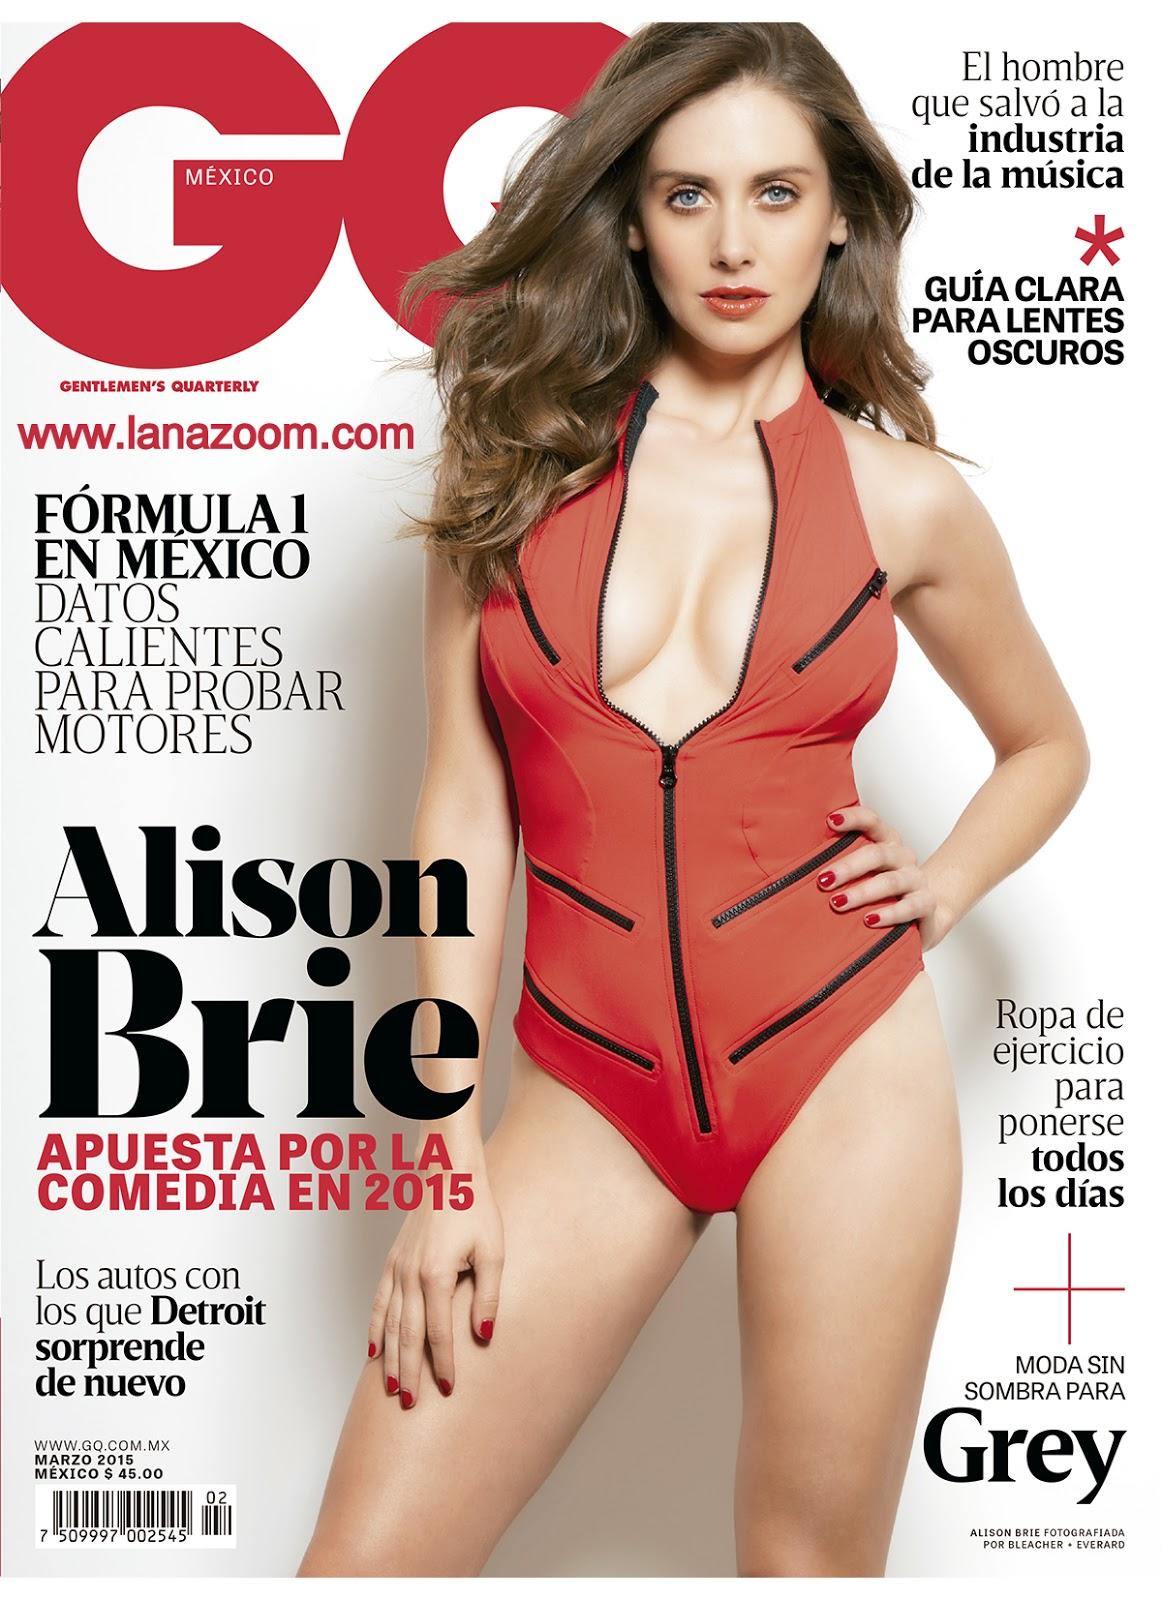 صور أليسون بري في مجلة GQ المكسيك - مارس 2015